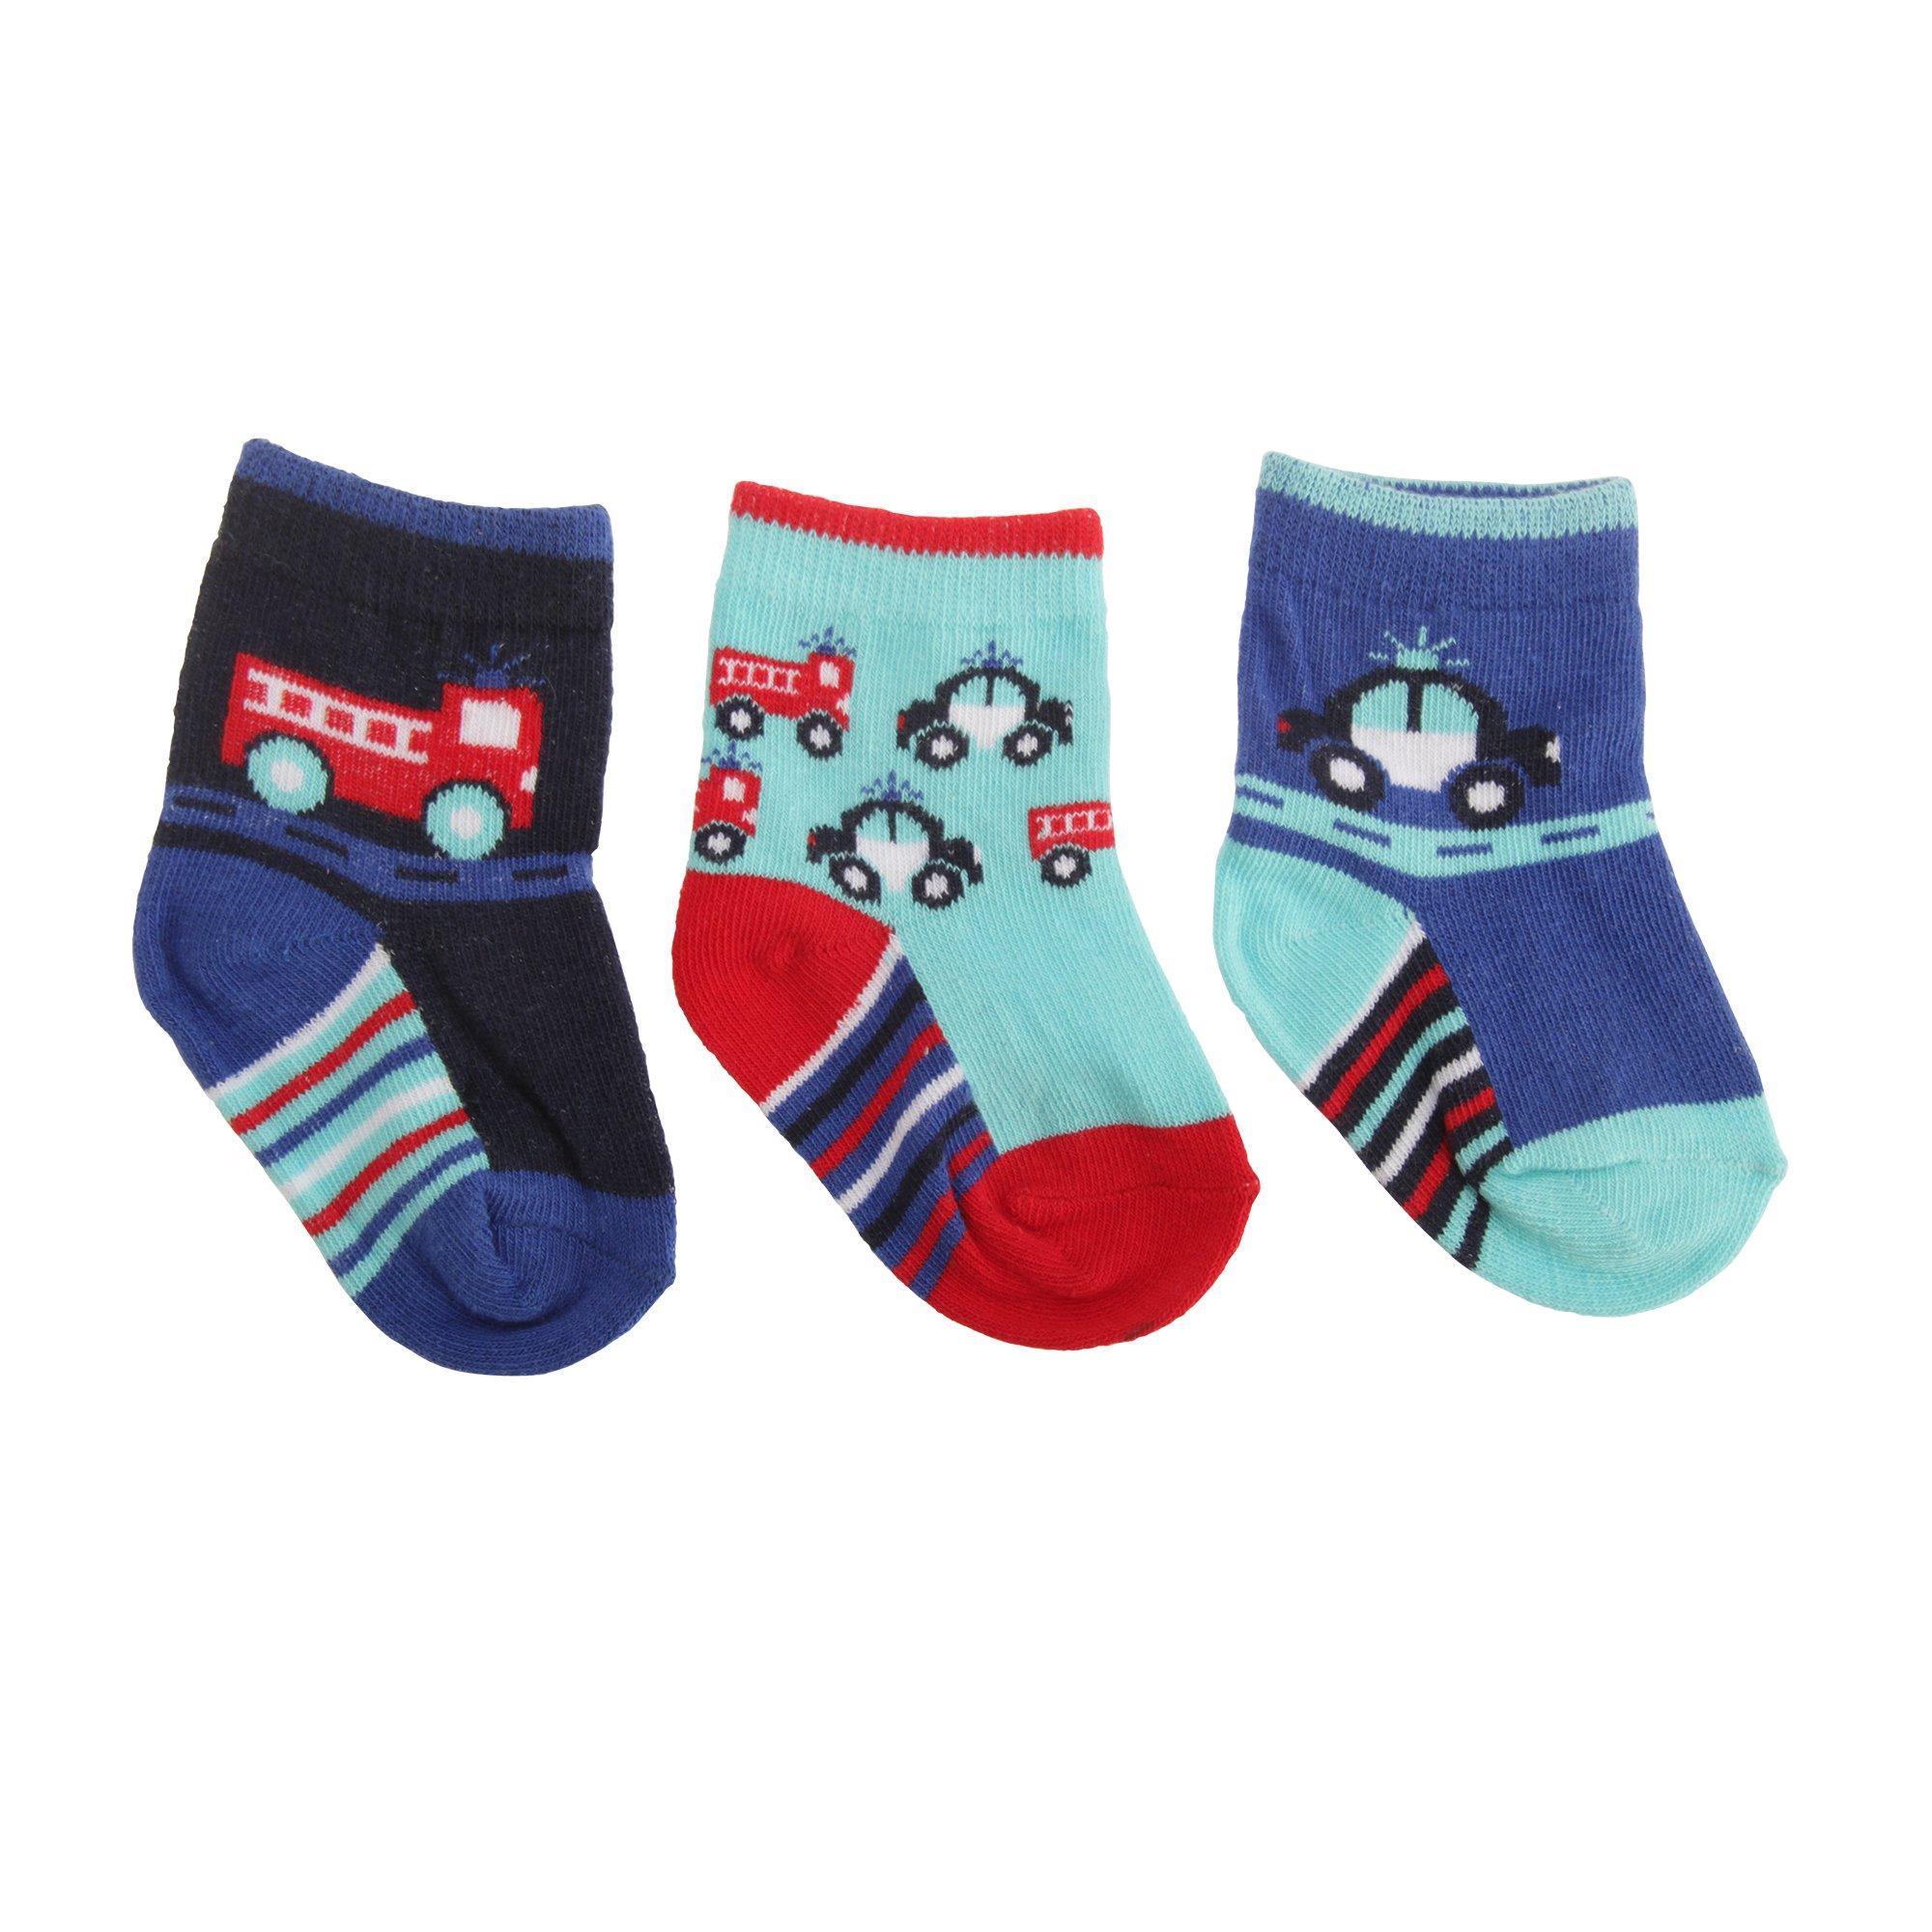 Textiles ベビー・赤ちゃん用 くるまのデザイン 靴下セット 3足組 ソックス 男の子 UK0-2.5 ネイビー/レッド/アクア